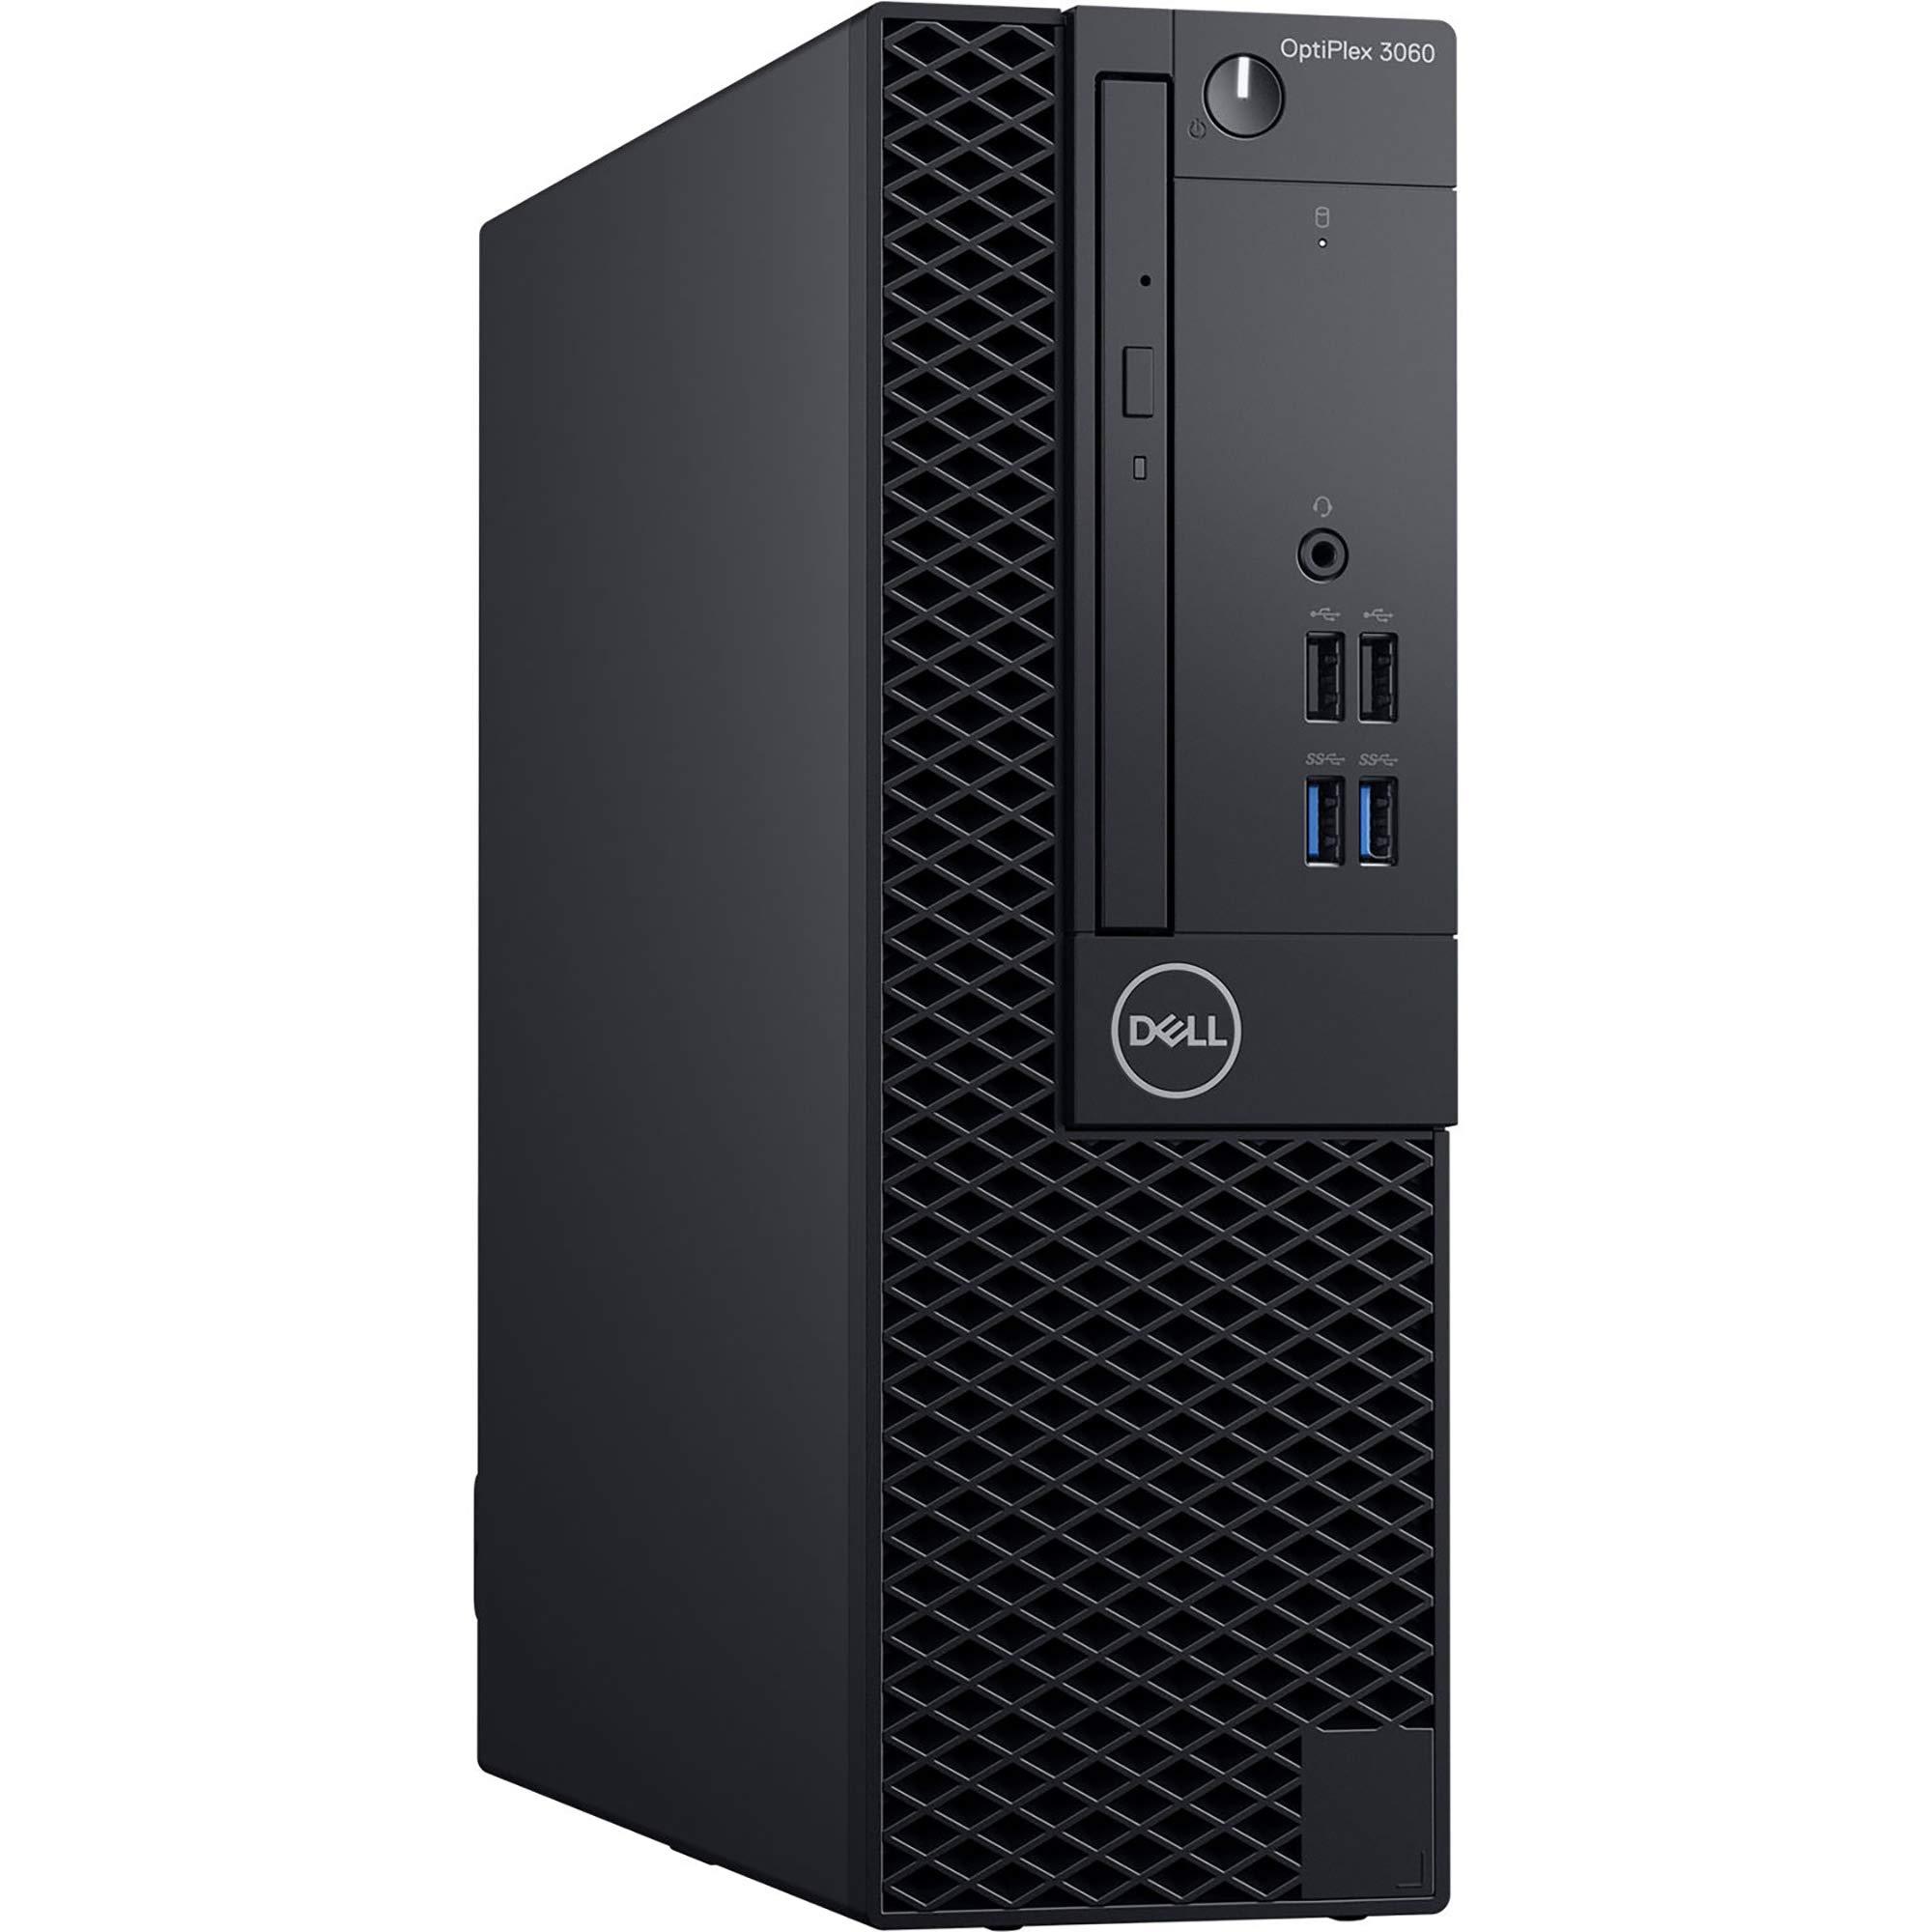 Dell OptiPlex 3060 SFF Desktop Computer with Intel Core i5-8500 3 GHz Hexa-core, 8GB RAM, 256GB SSD (KM82W) by Dell